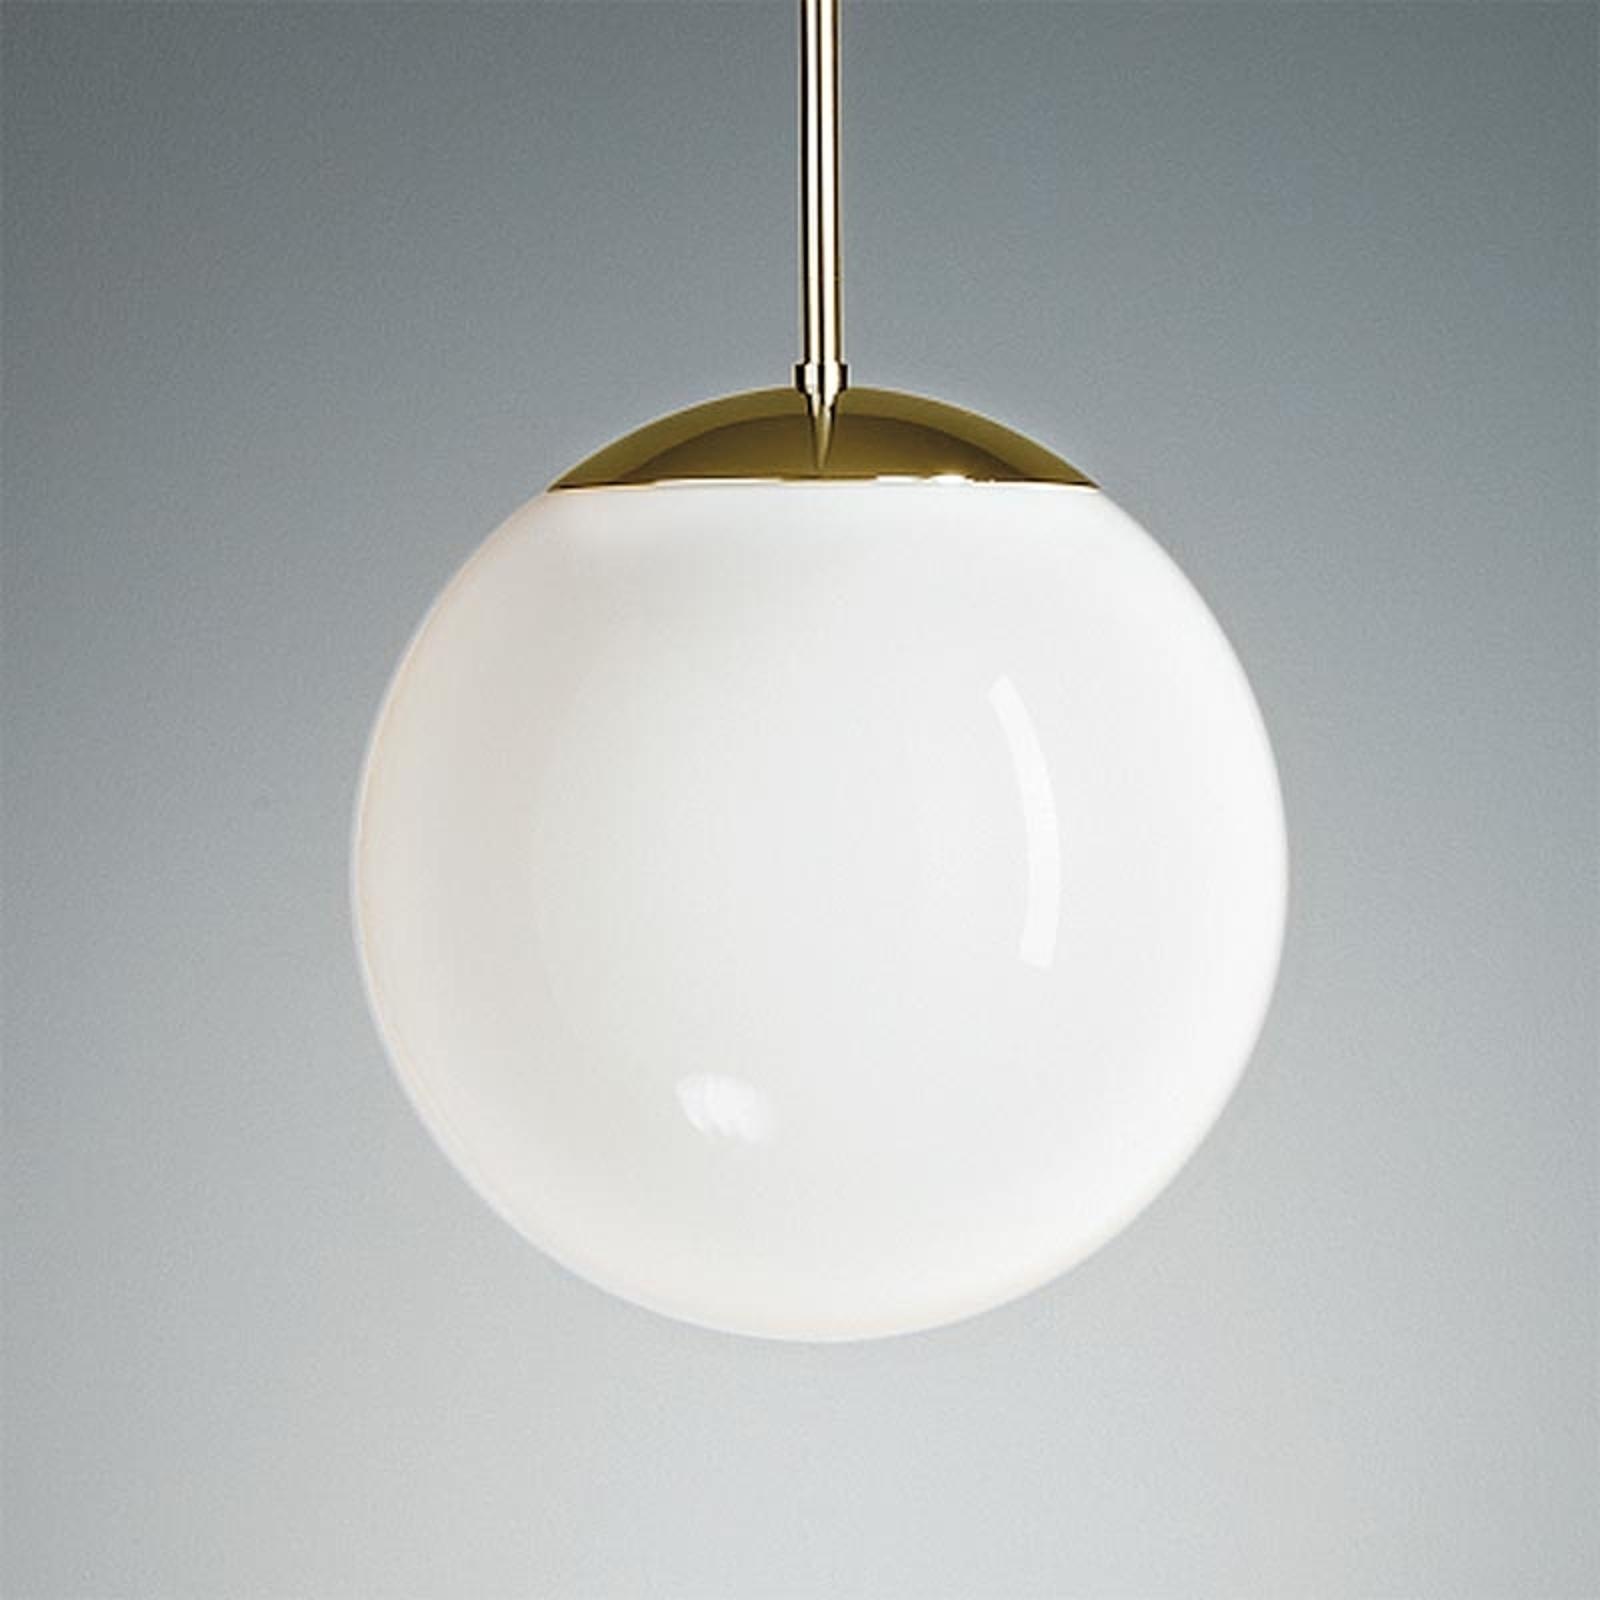 Lampa wisząca z opalowym kloszem 25 cm mosiądz